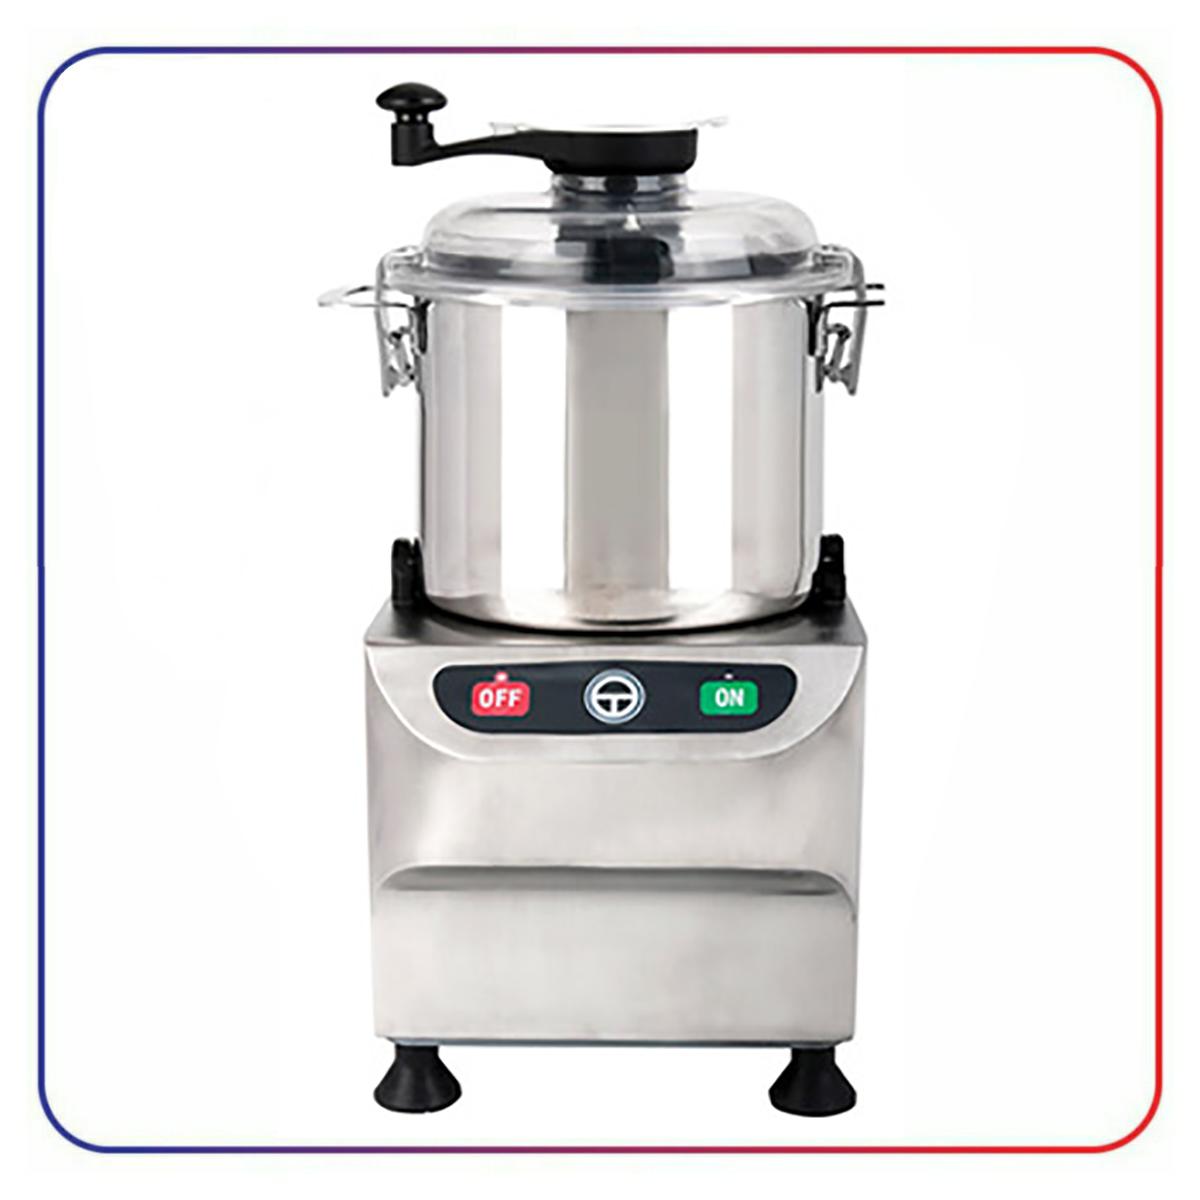 غذاساز-صنعتی-8-لیتری